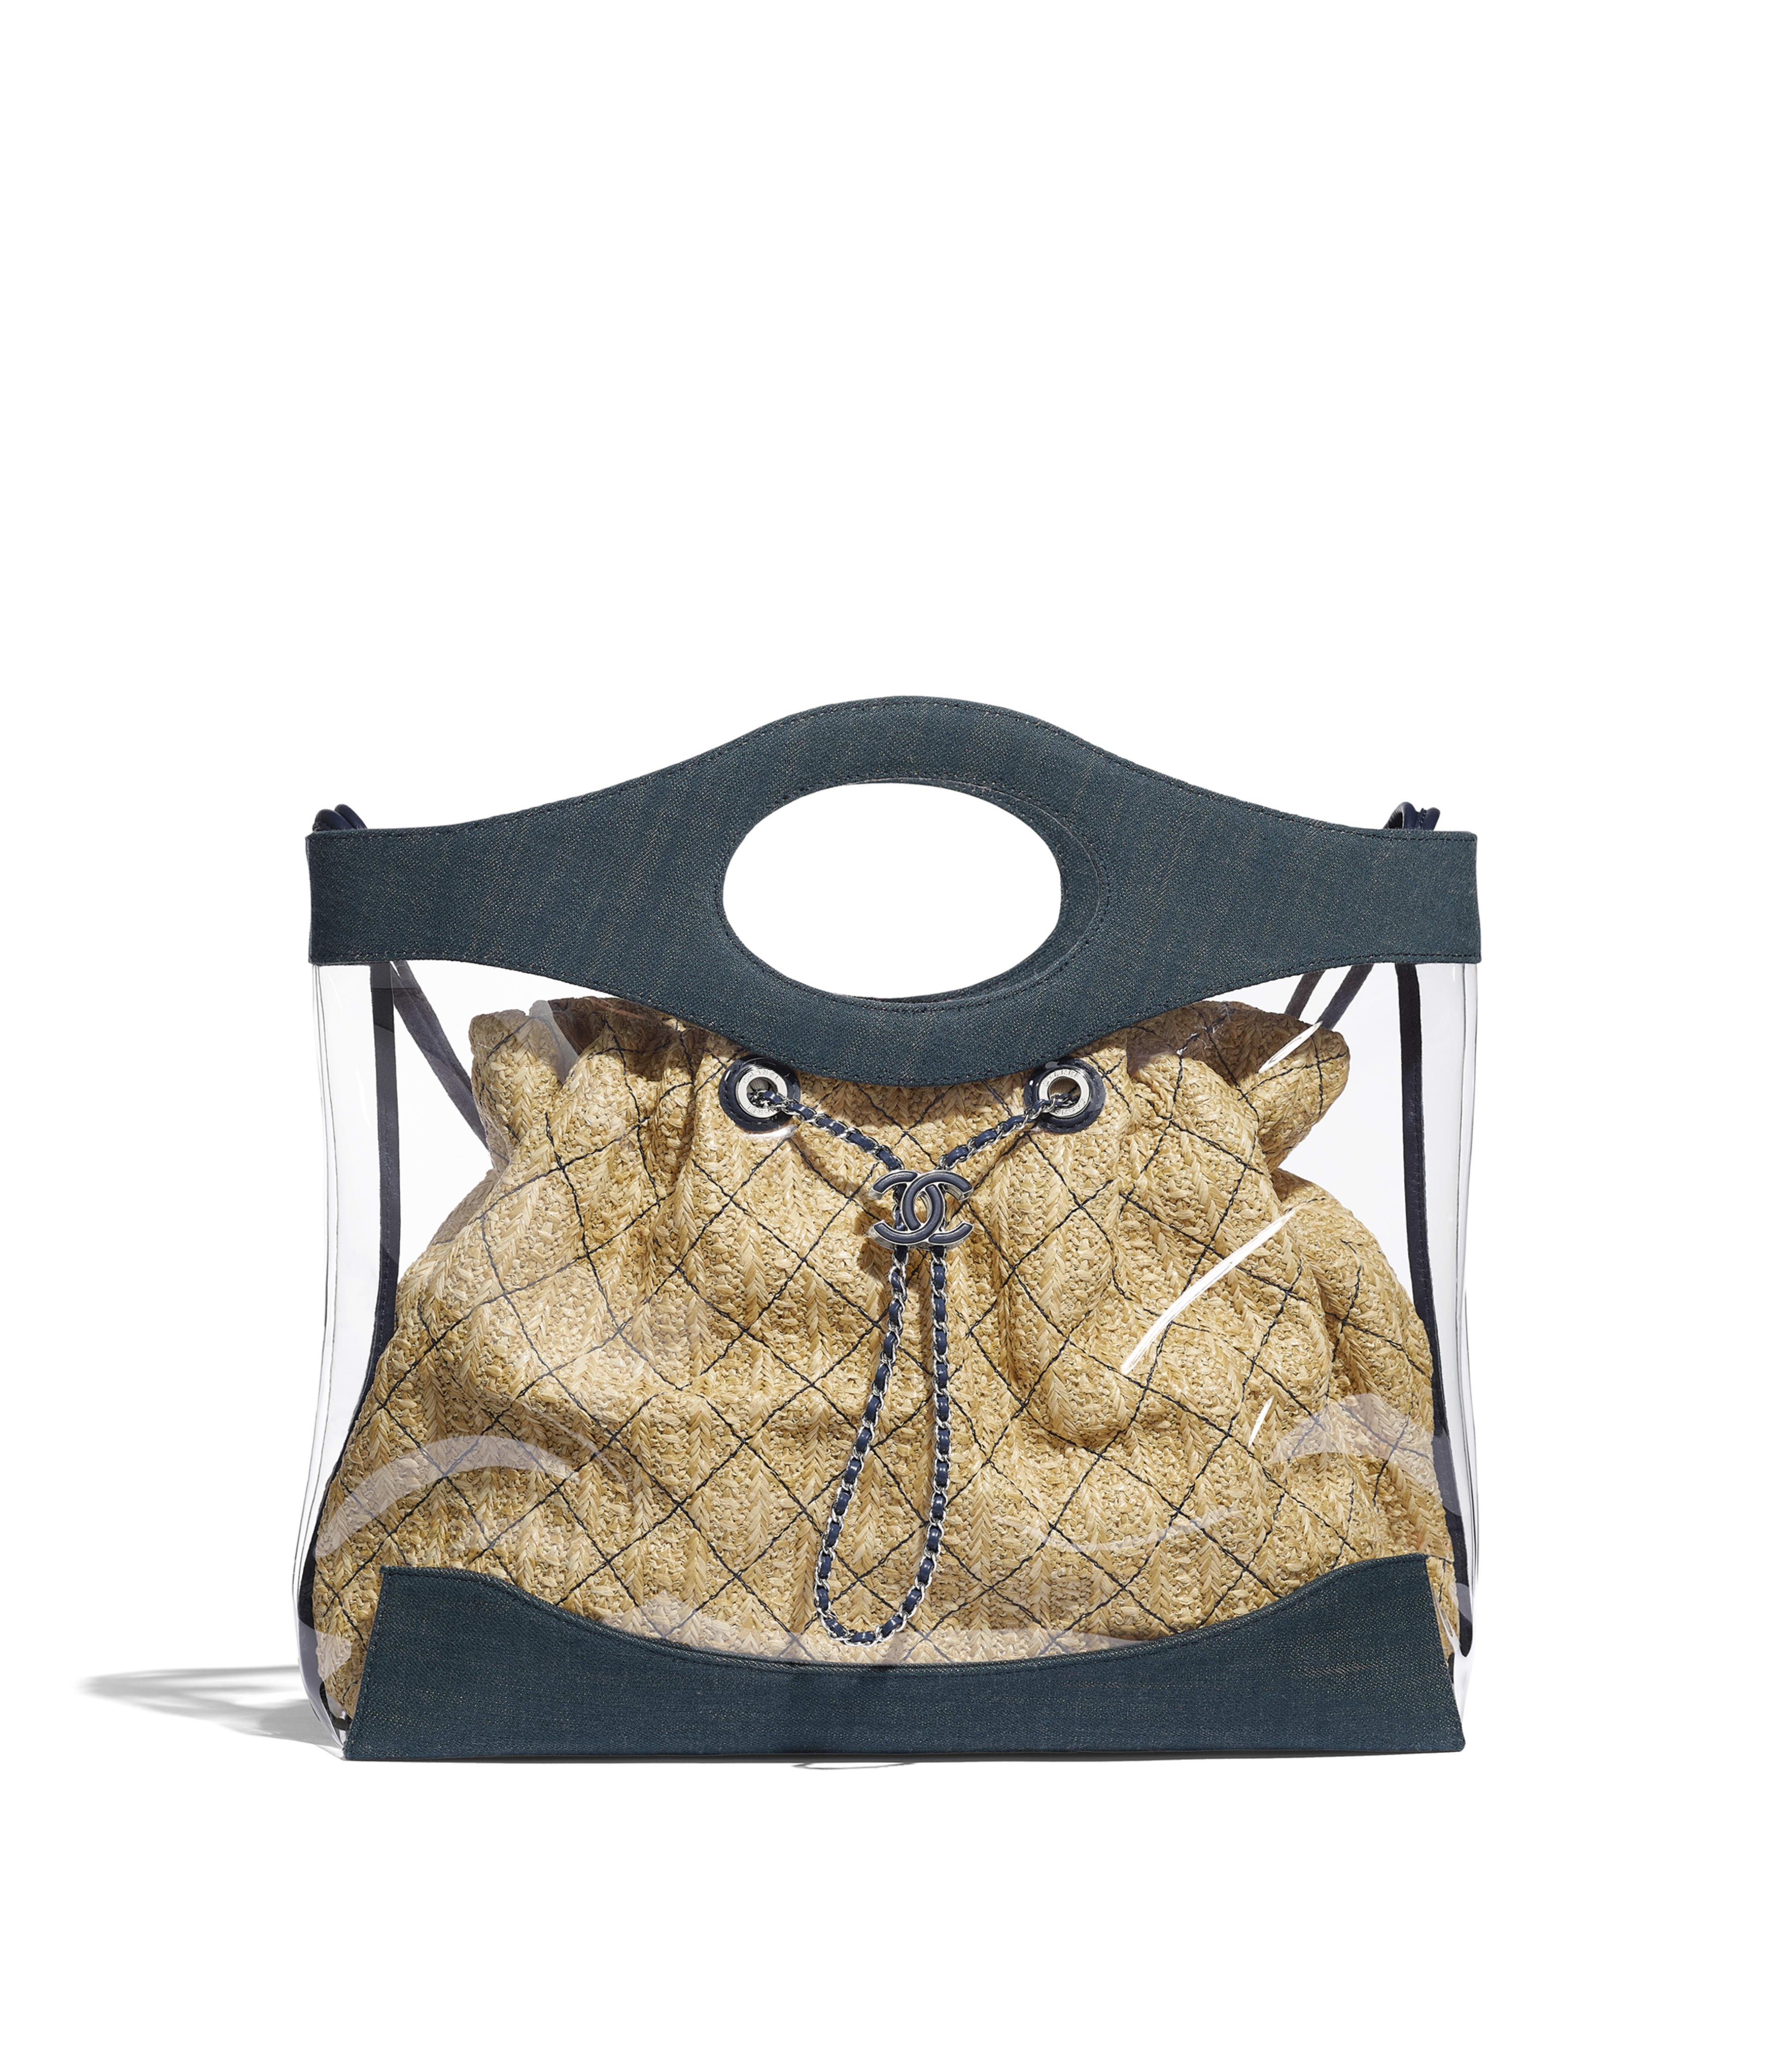 23212af8198c CHANEL 31 Shopping Bag PVC